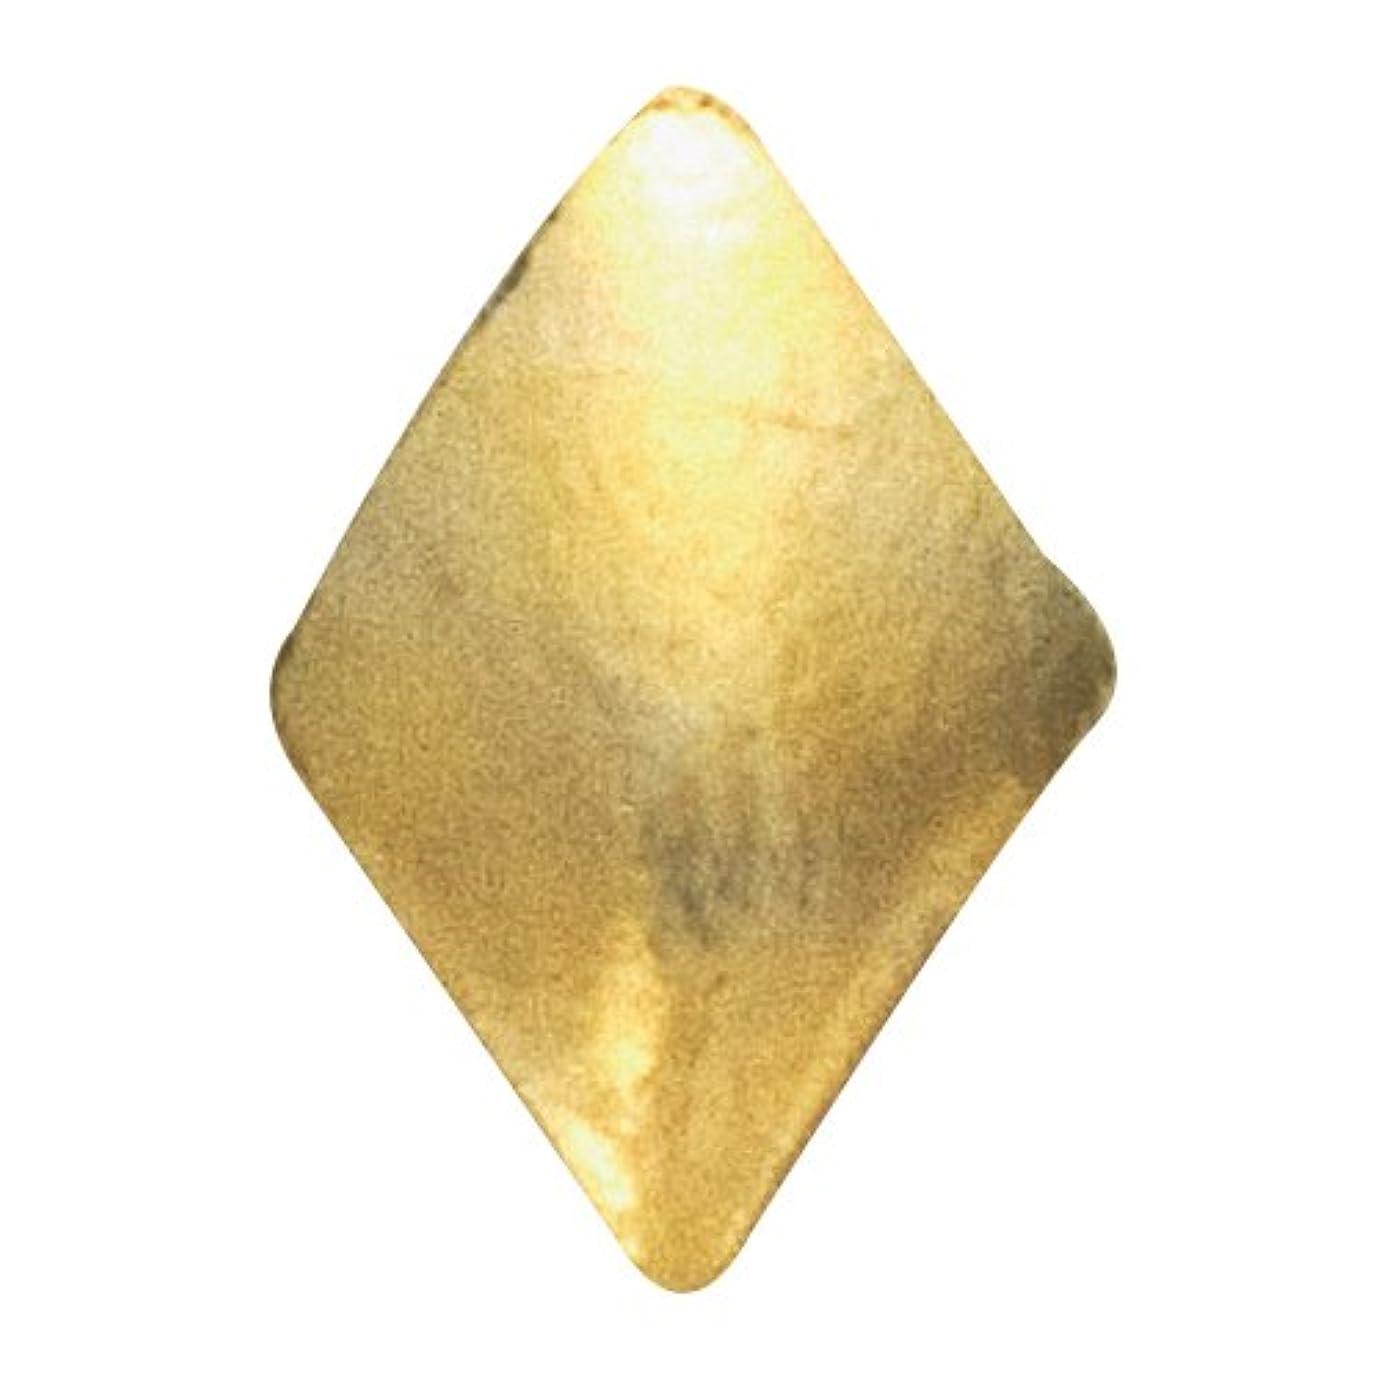 キャメルダース耐えられるリトルプリティー ネイルアートパーツ スタッズダイヤ 2×3mm ゴールド 50個